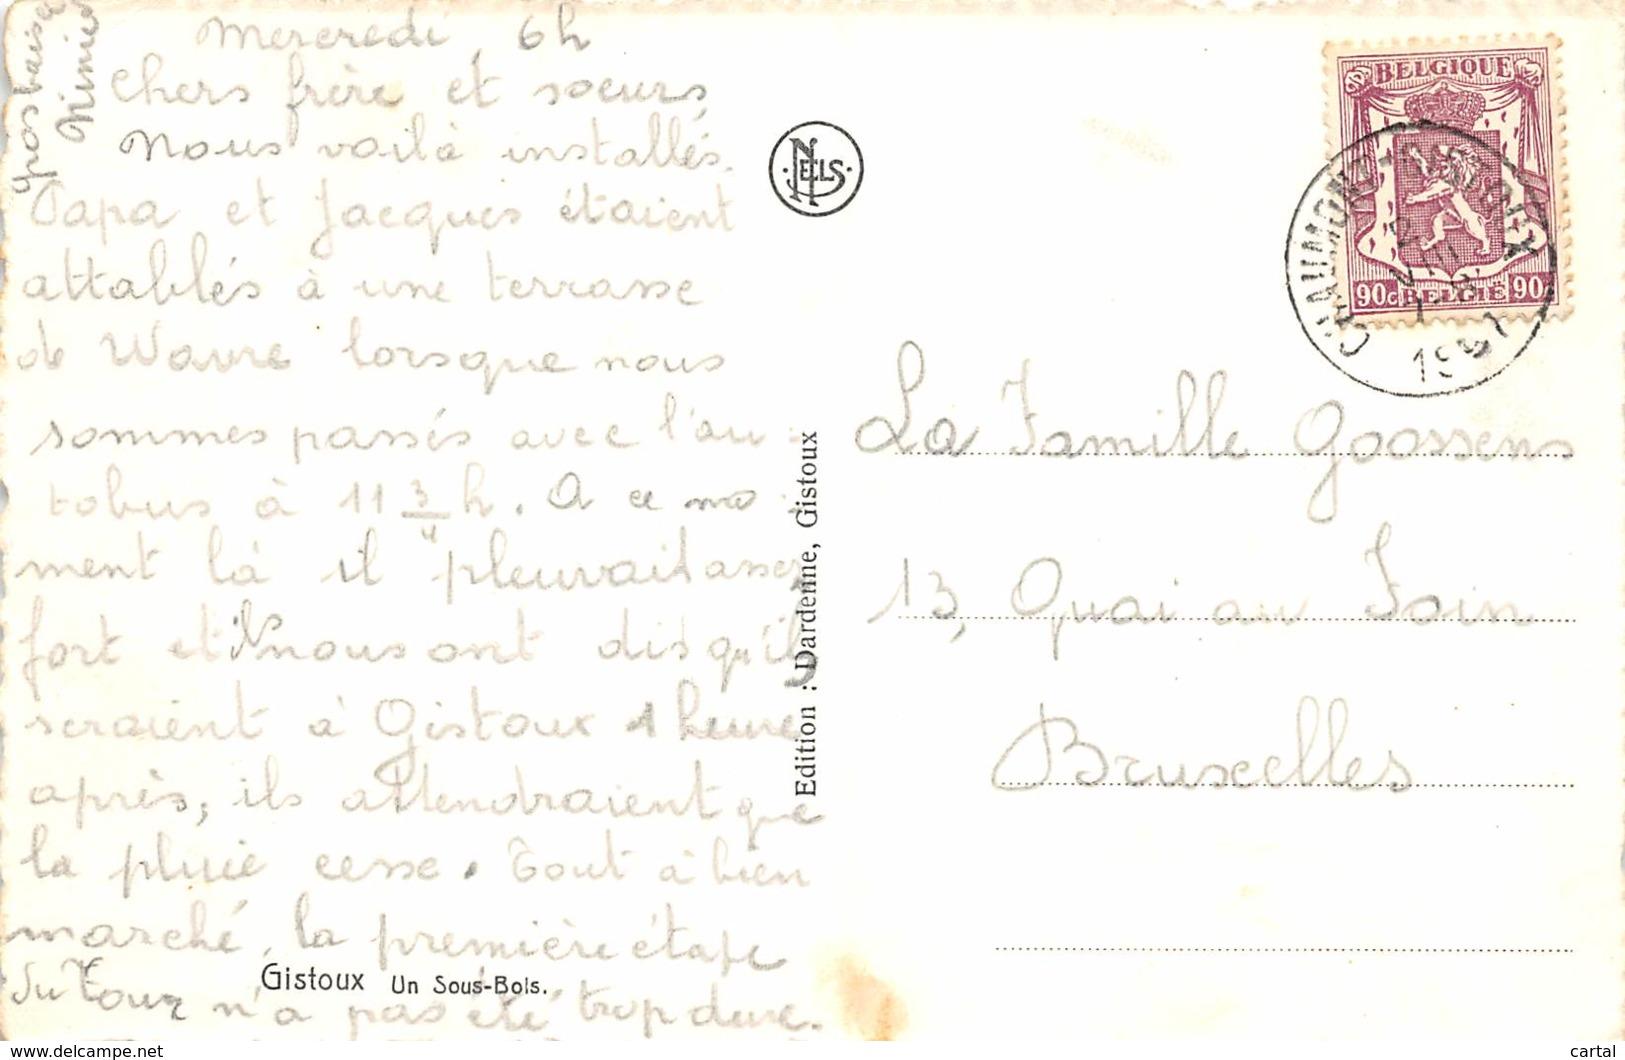 GISTOUX - Un Sous-Bois - Chaumont-Gistoux